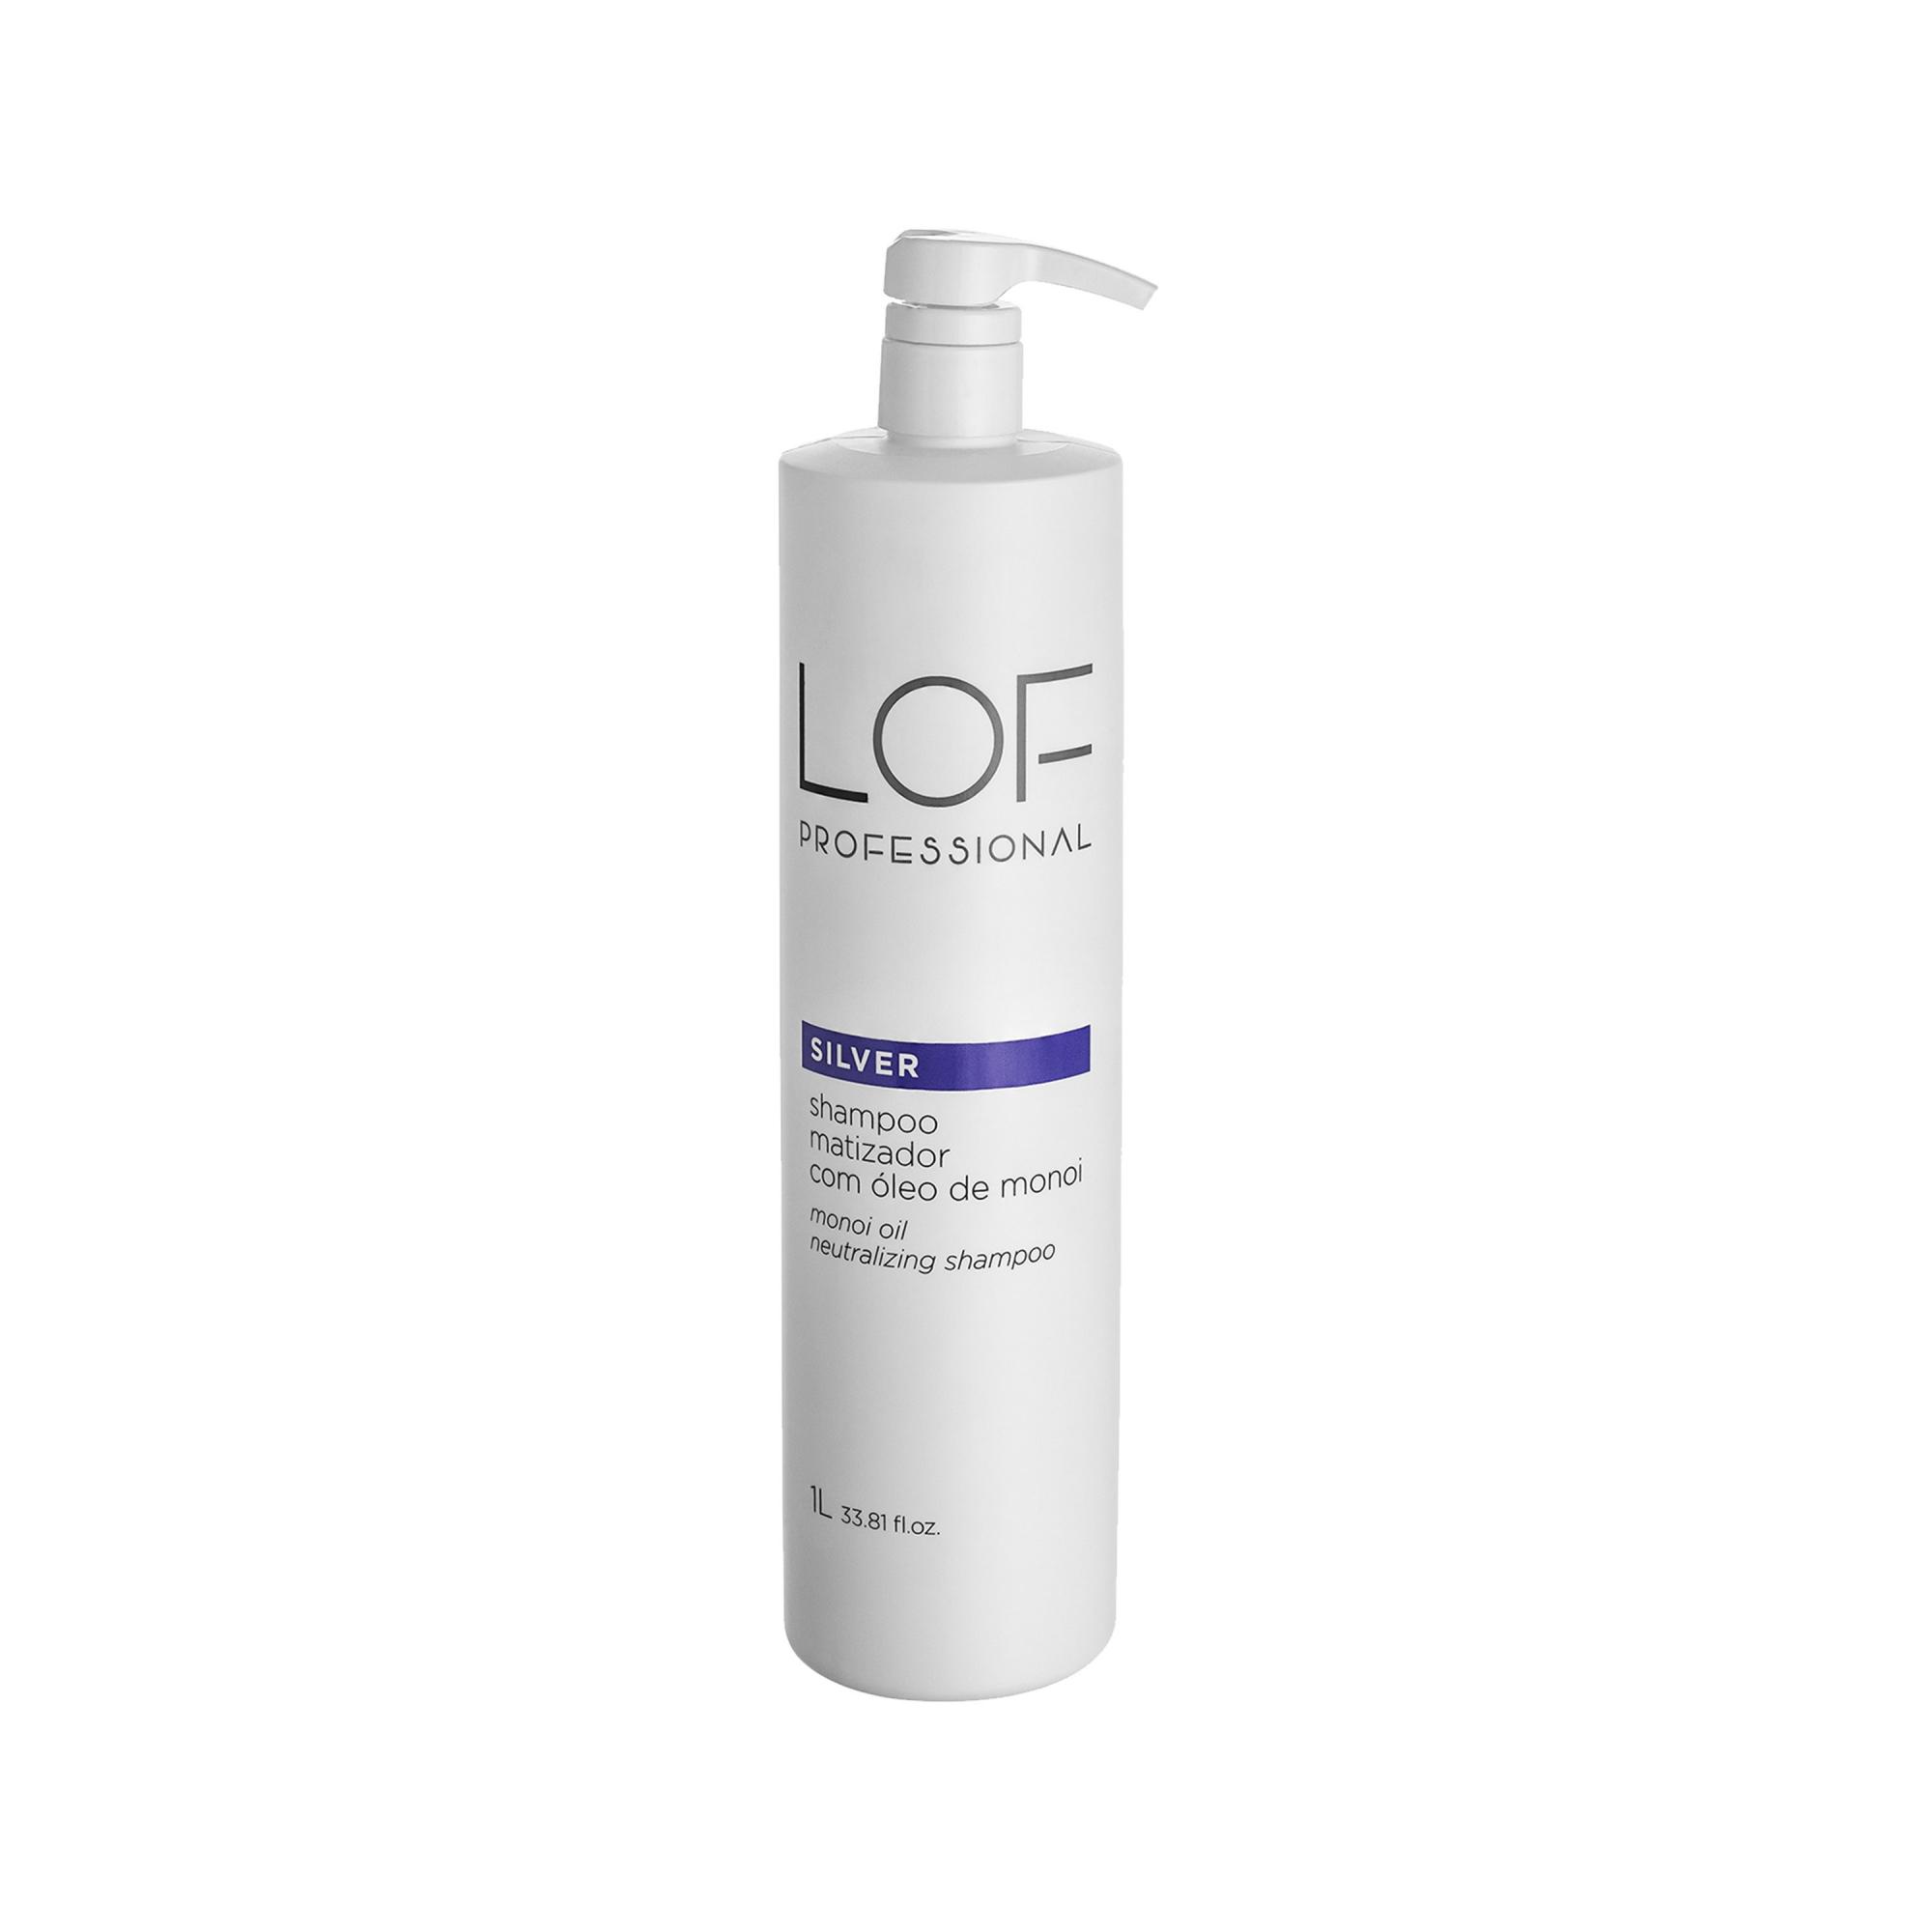 Shampoo Silver Matizador 1L